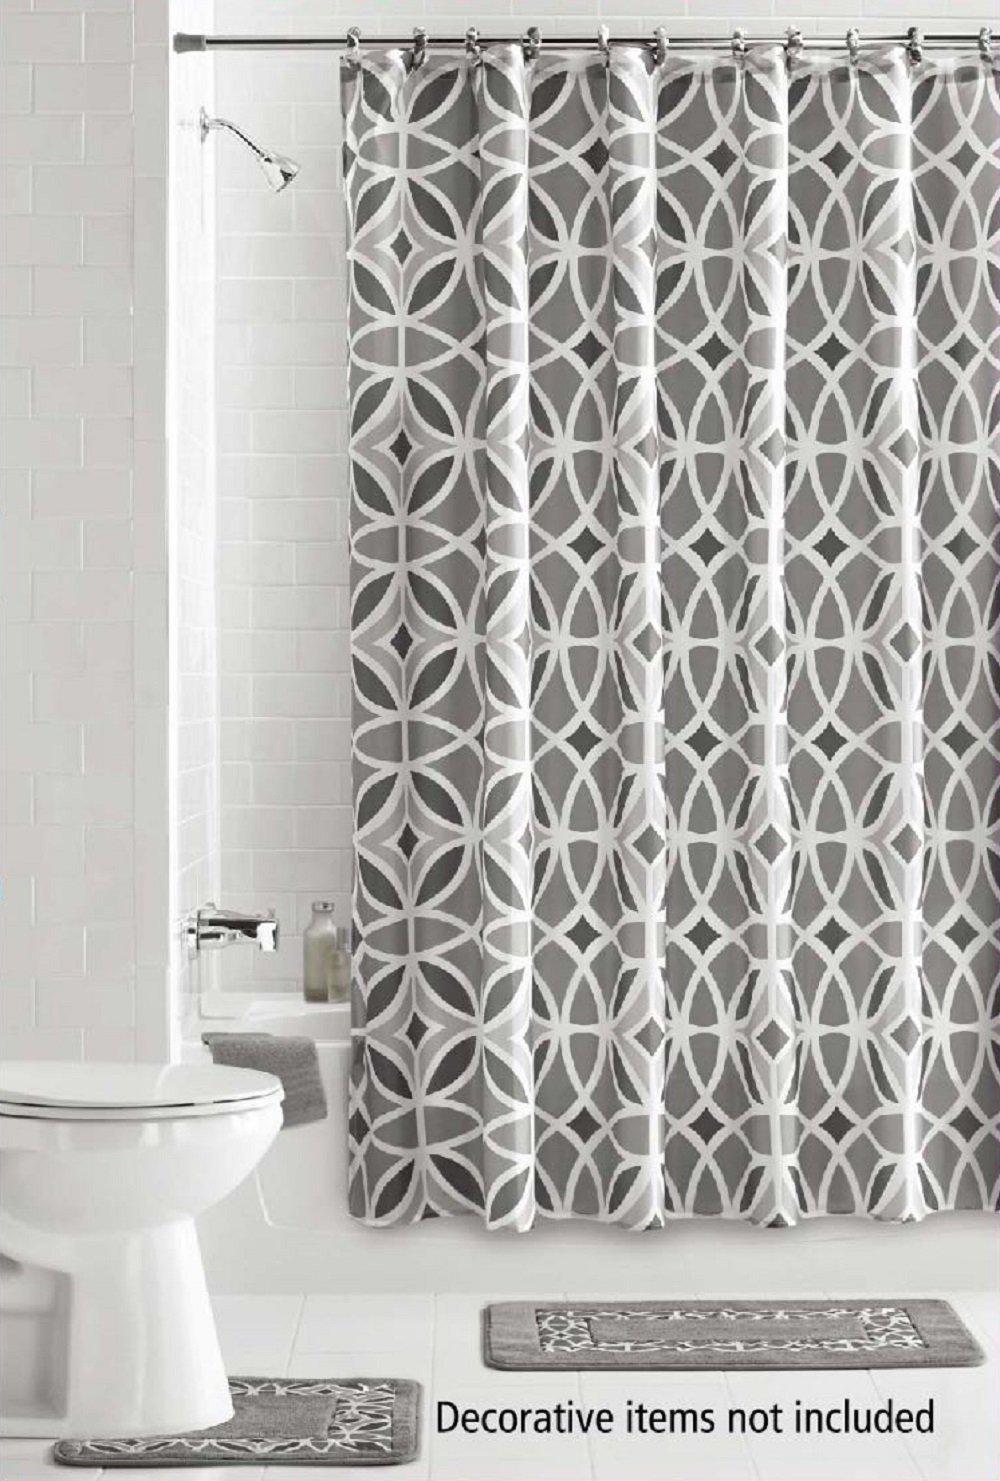 15 Piece Bath Set: 2 Gray Bathroom Mats, 1 Matching Shower Curtain, 12